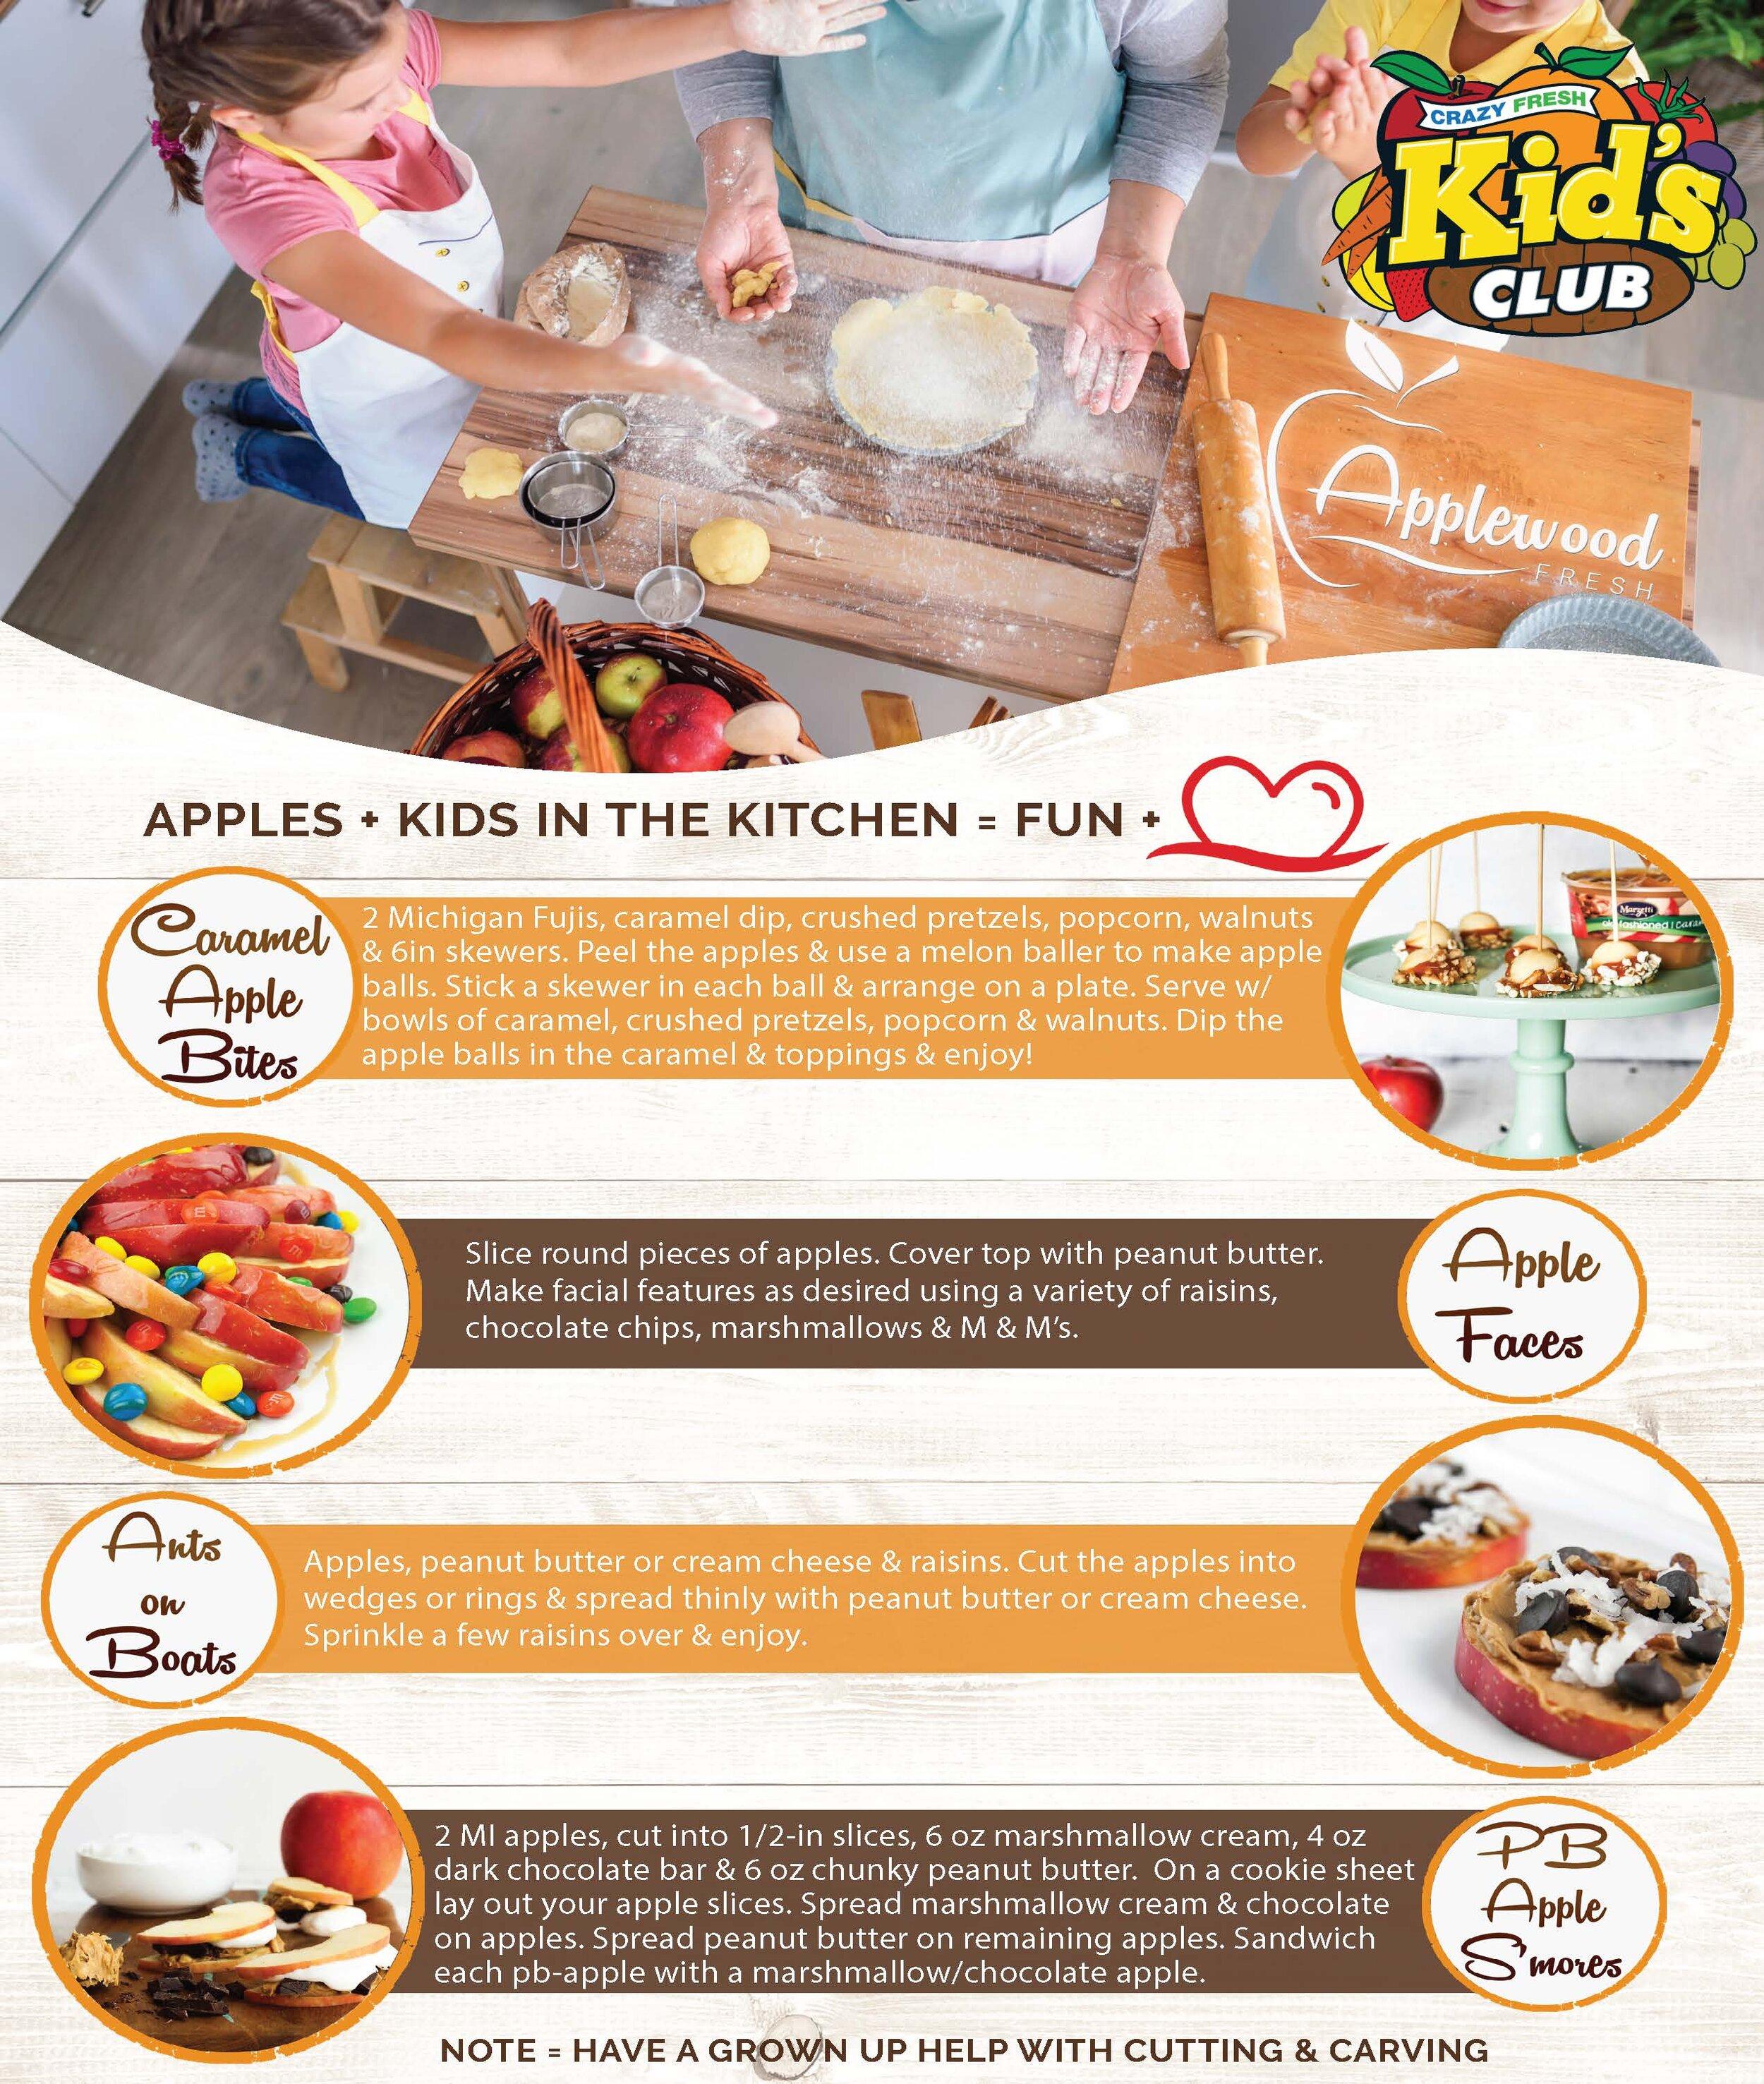 CrazyFresh_Applewood Kids in the Kitchen.jpg